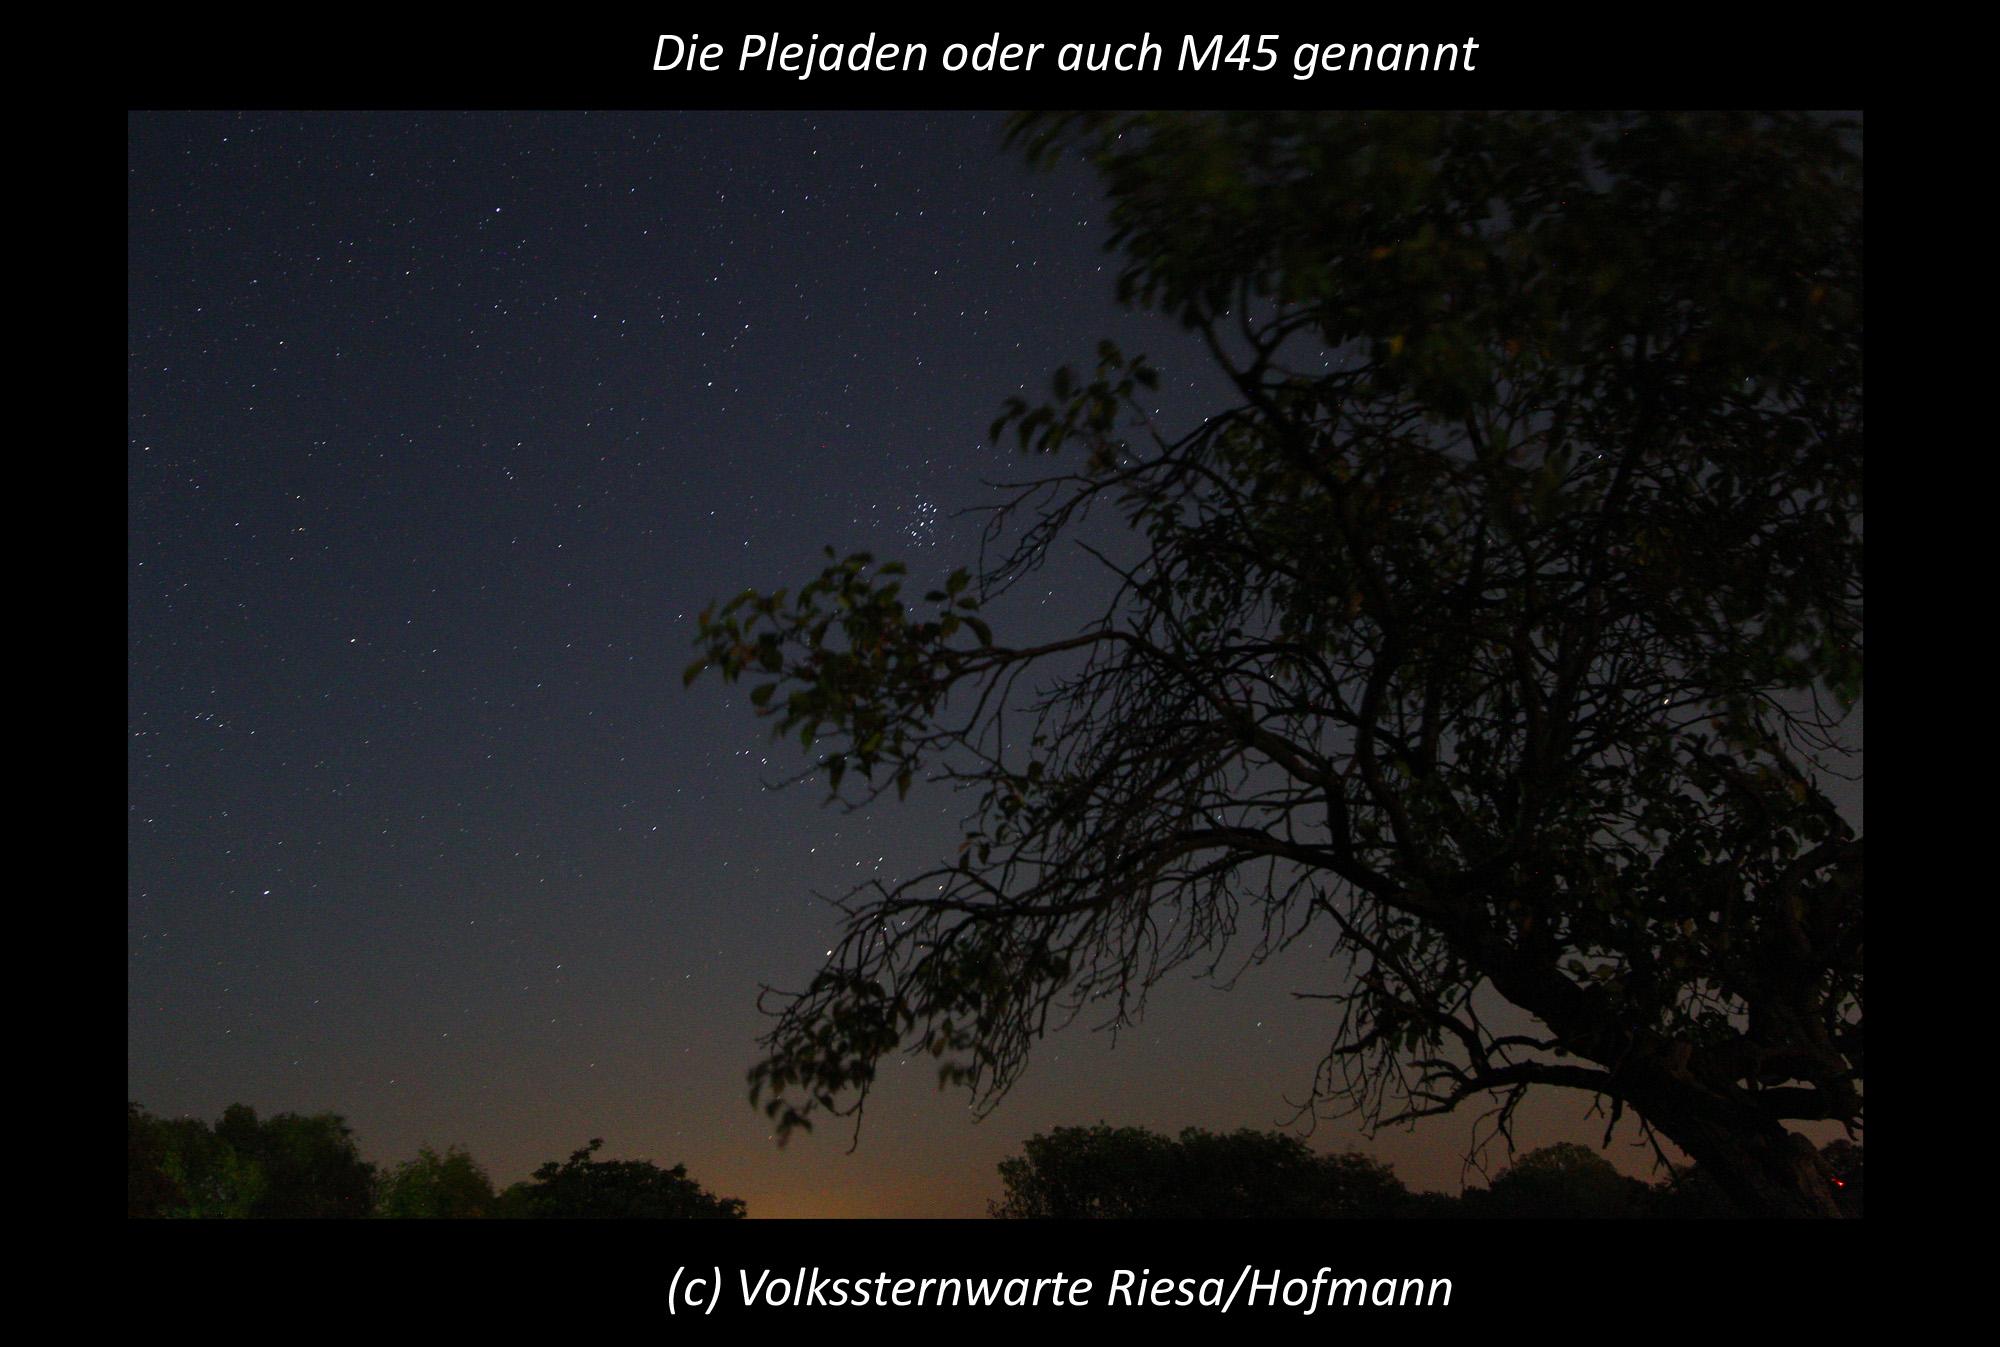 Die Plejaden sind wieder am Sternenhimmel sichtbar